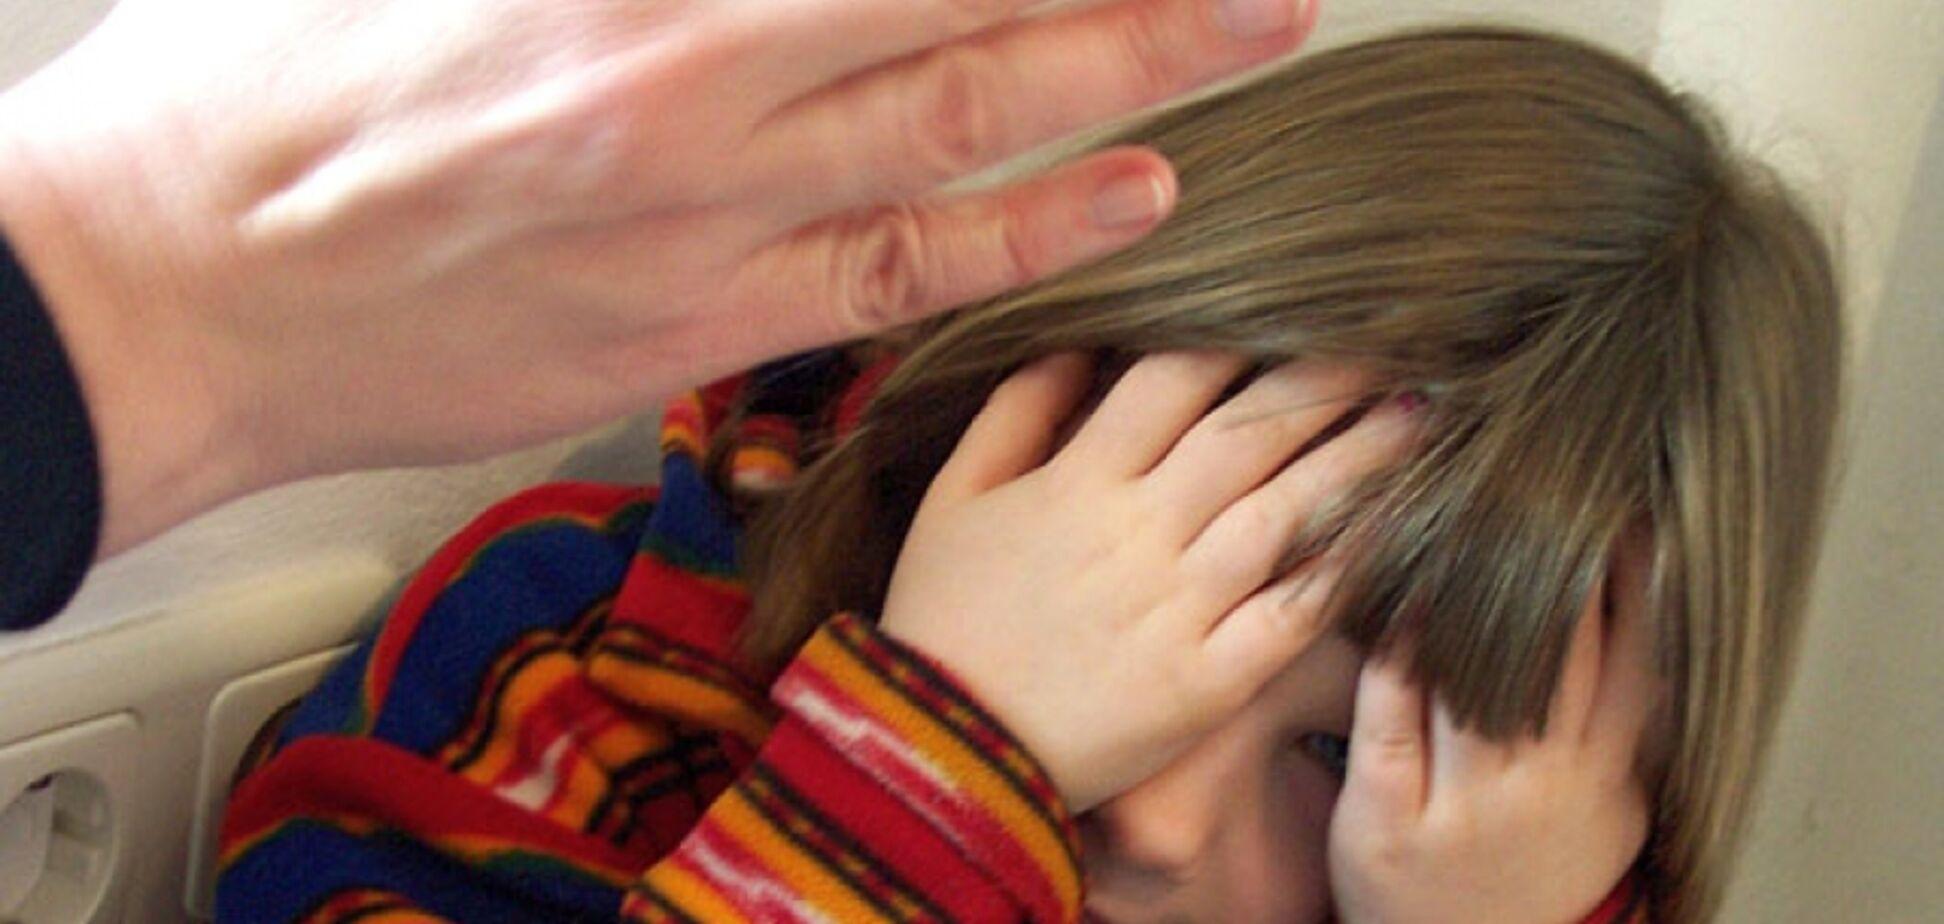 Дети в синяках и ссадинах: на Ивано-Франковщине воспитательницу детсада обвинили в побоях